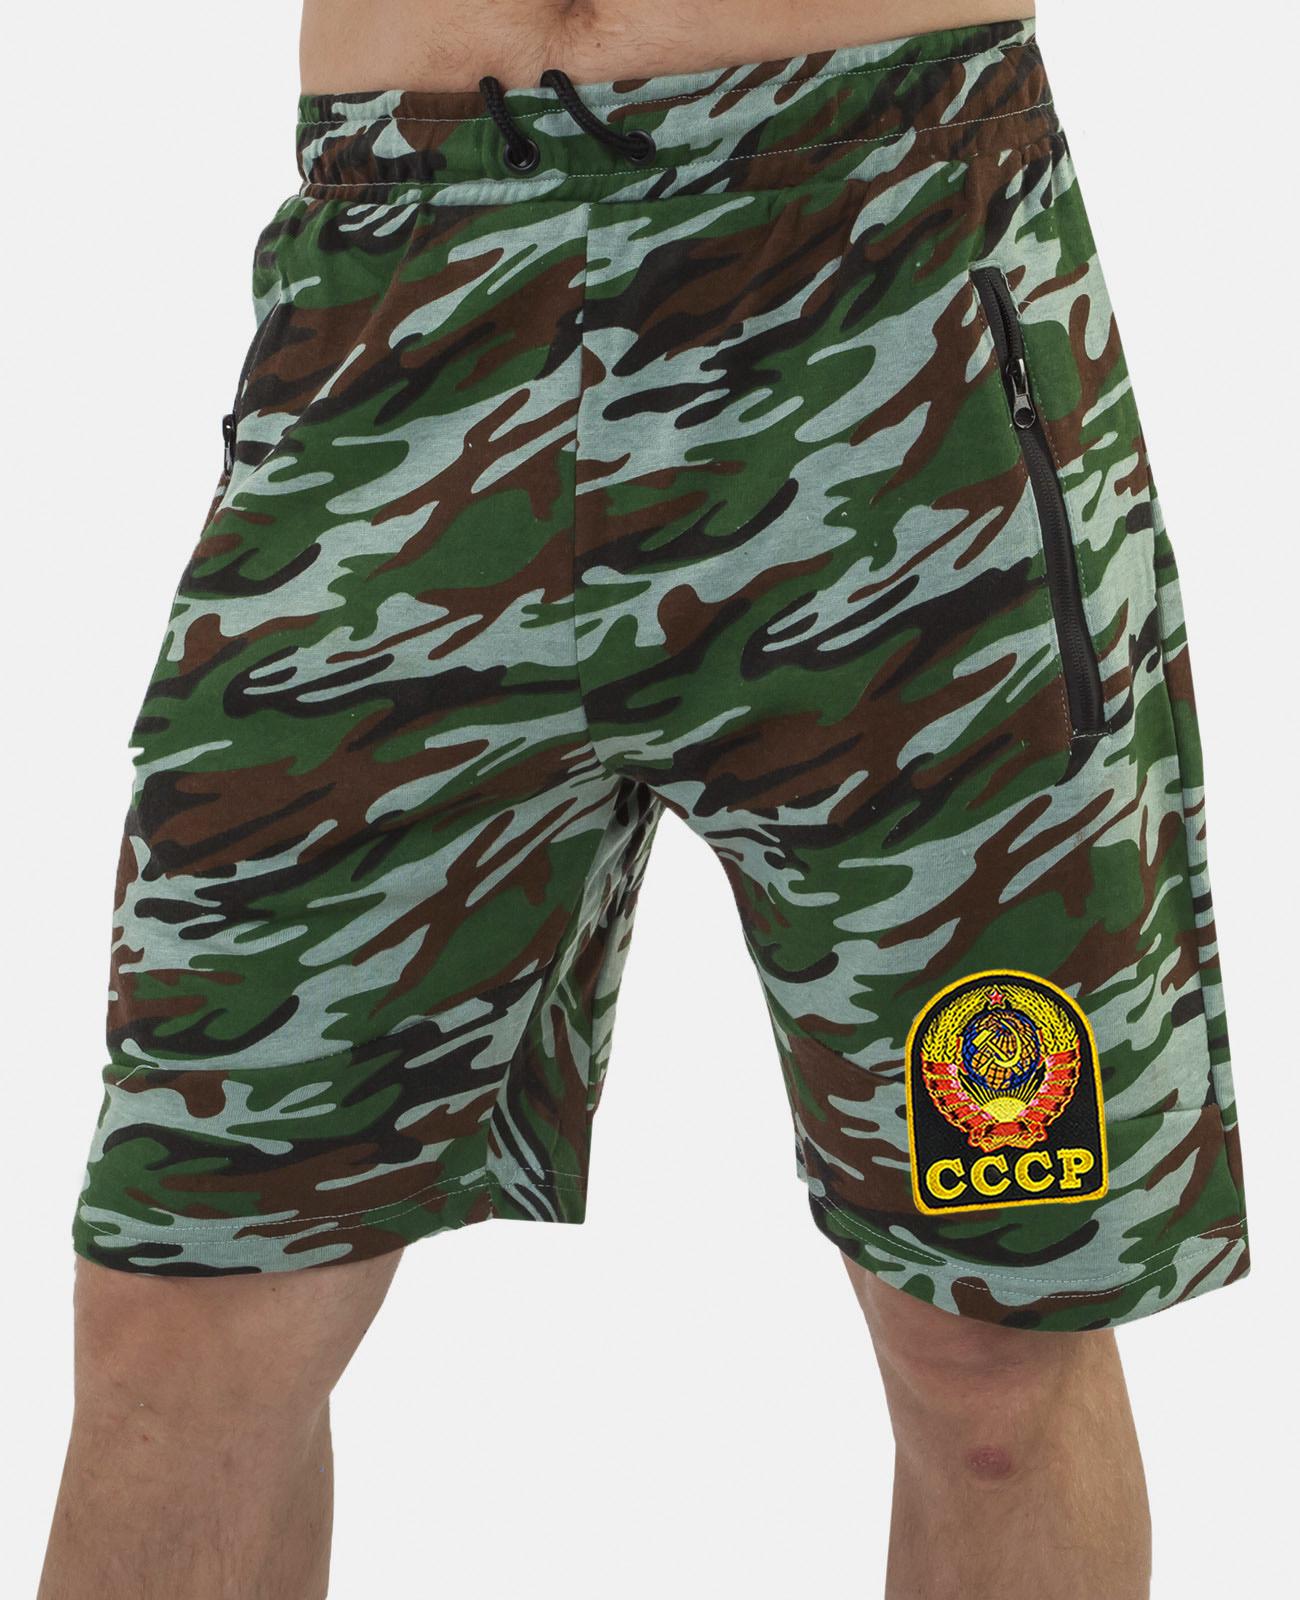 Купить свободные шорты удлиненного фасона с карманами и нашивкой СССР онлайн с доставкой